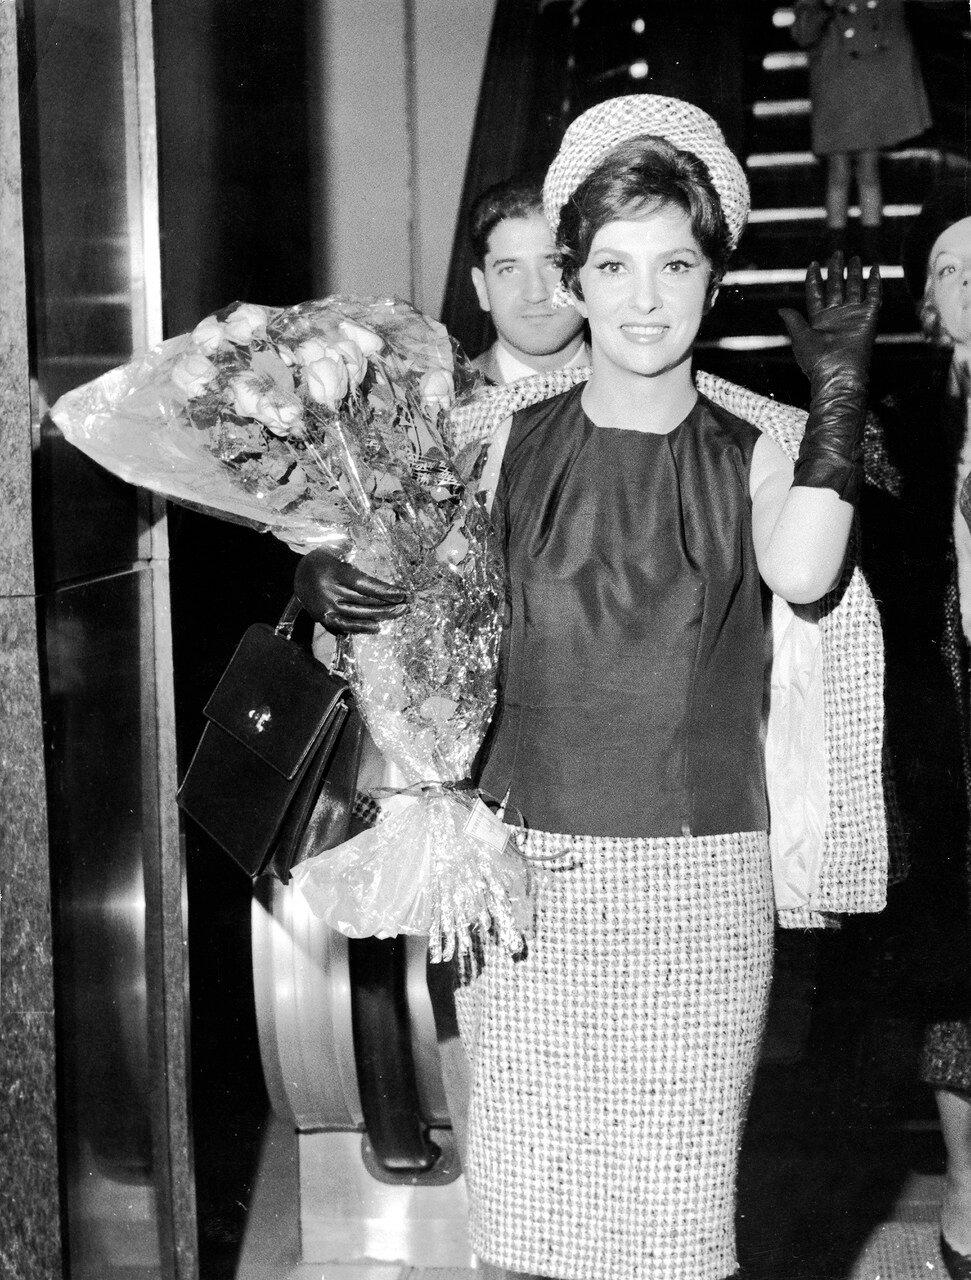 Gina LOLLOBRIGIDA bei ihrer Ankunft in Orly, 1963